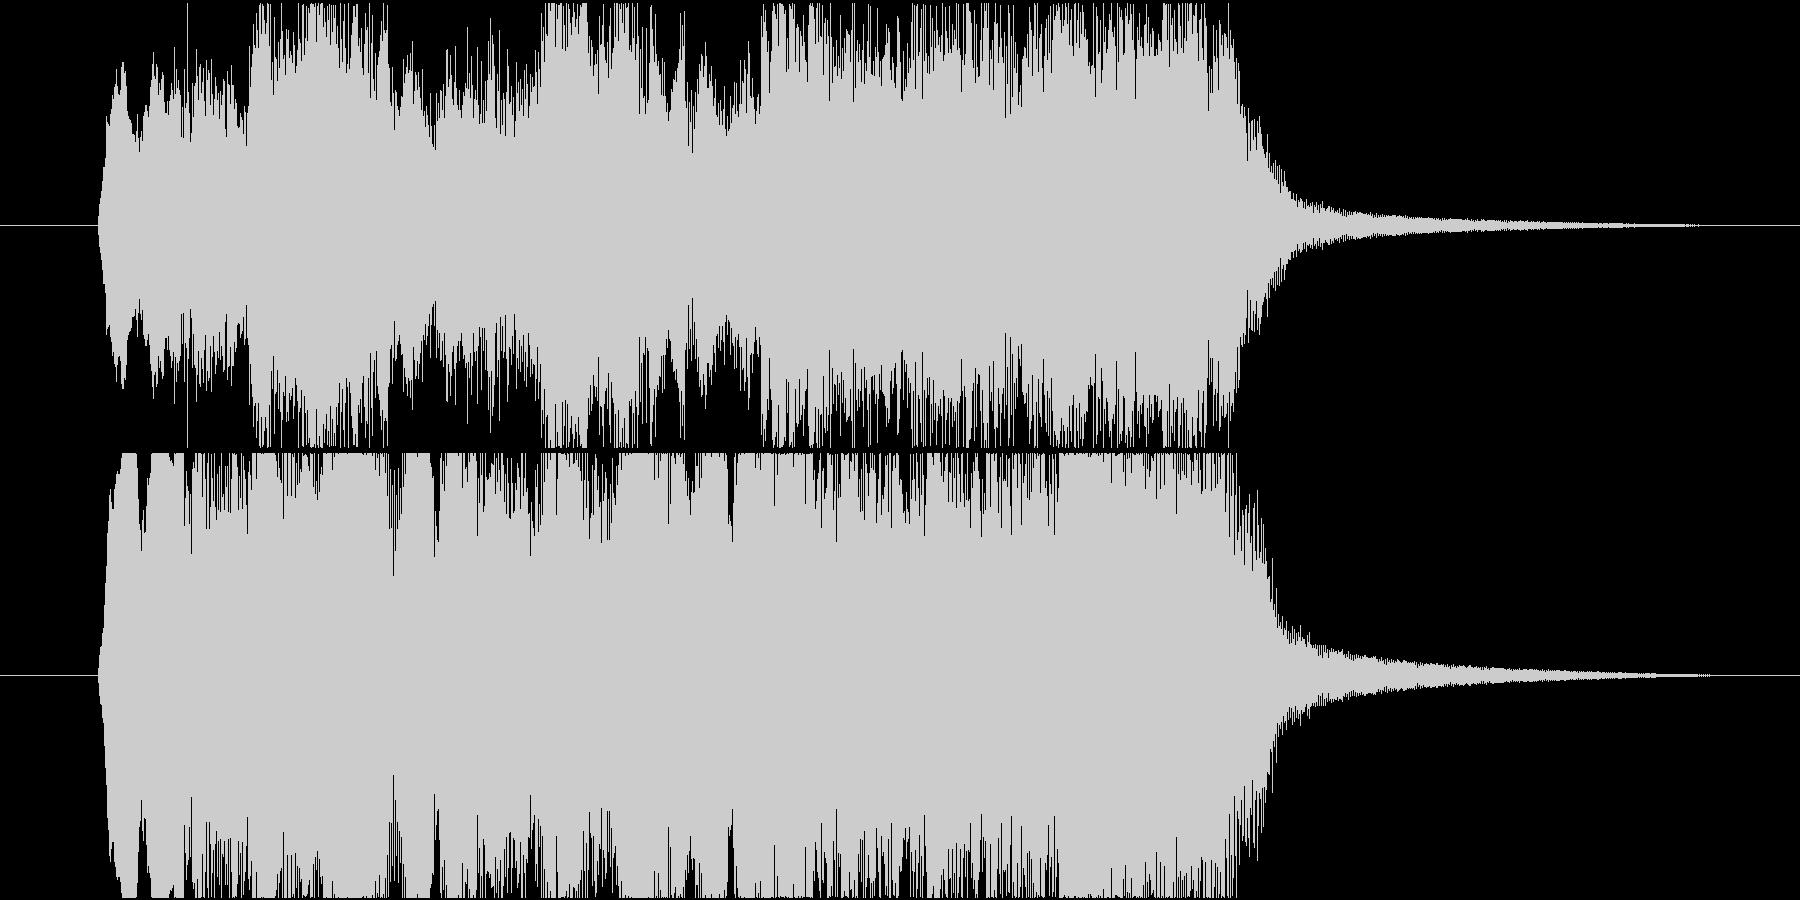 おどろおどろしいファンファーレの未再生の波形